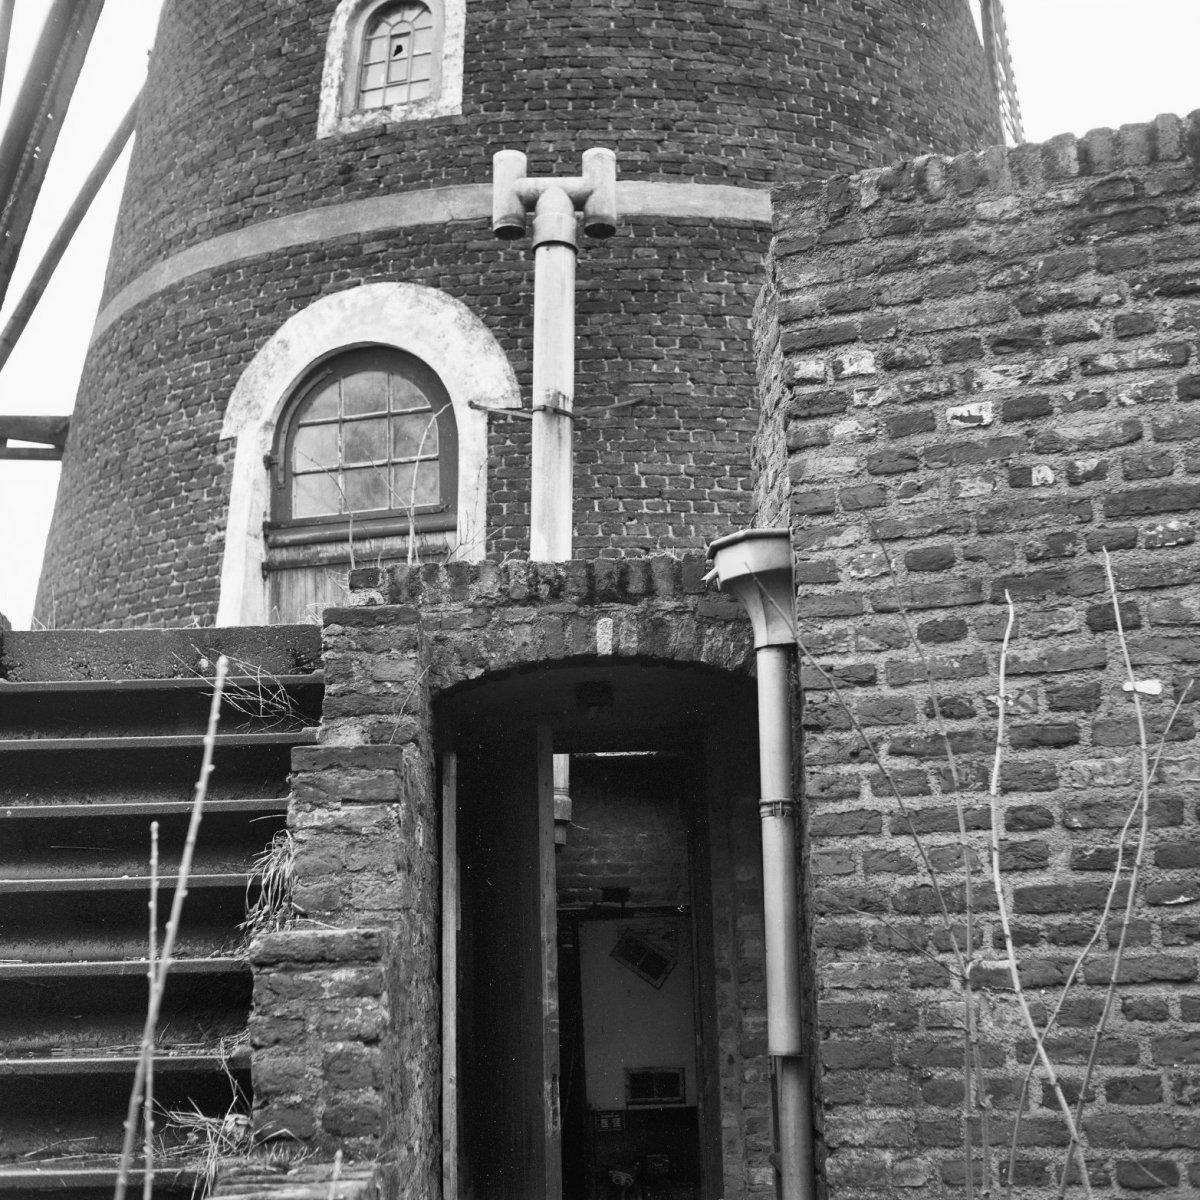 File:Korenmolen Rust na Arbeid, ruimte voor C.V. in de molenberg